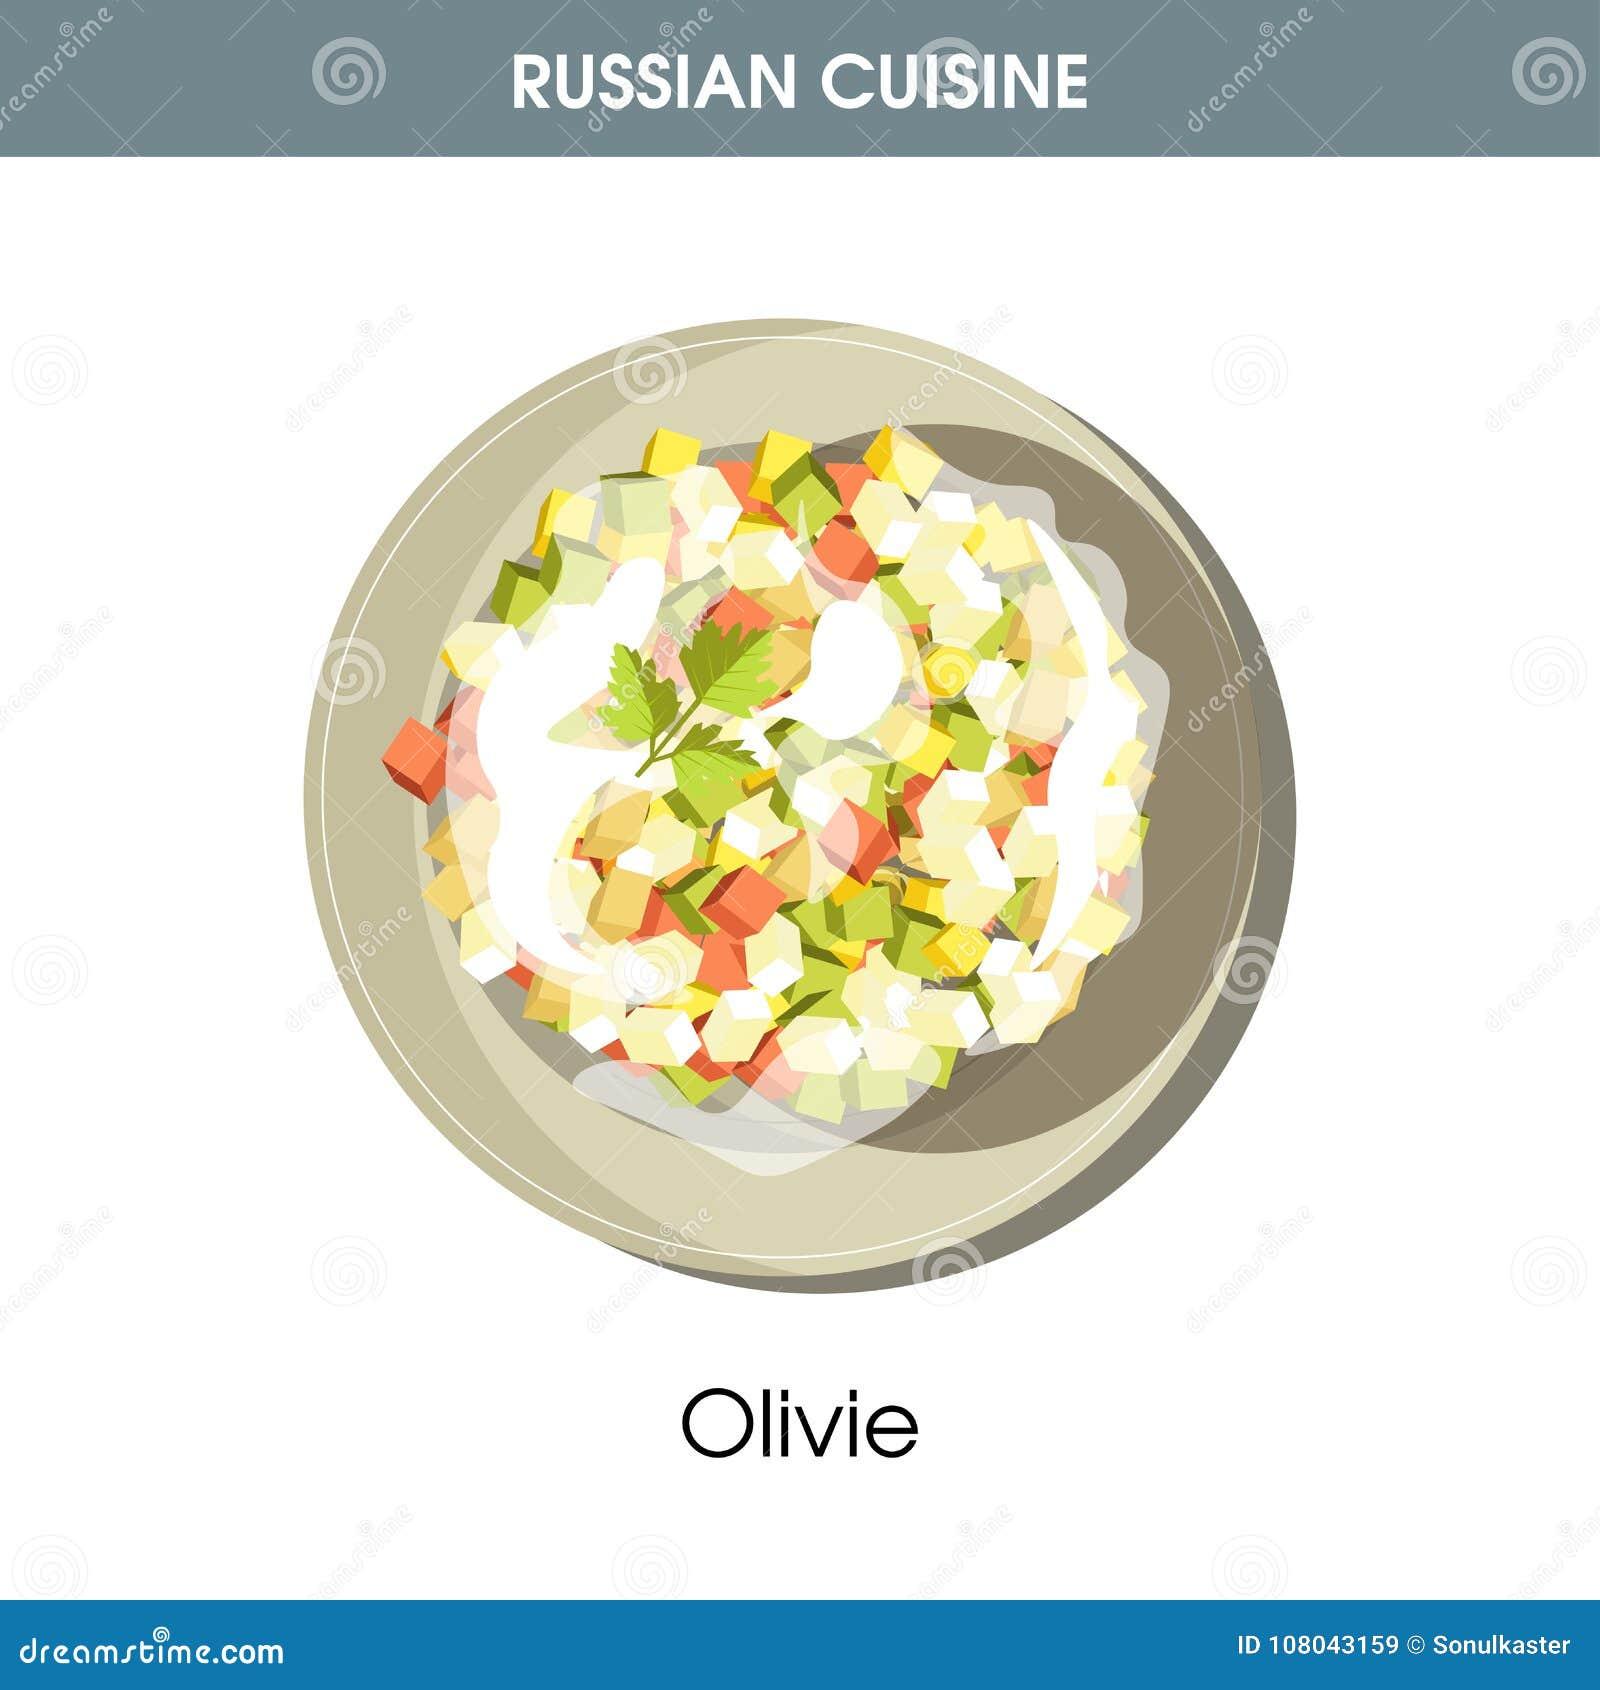 Rich Olivie sallad klädde med majonnäs från rysk kokkonst